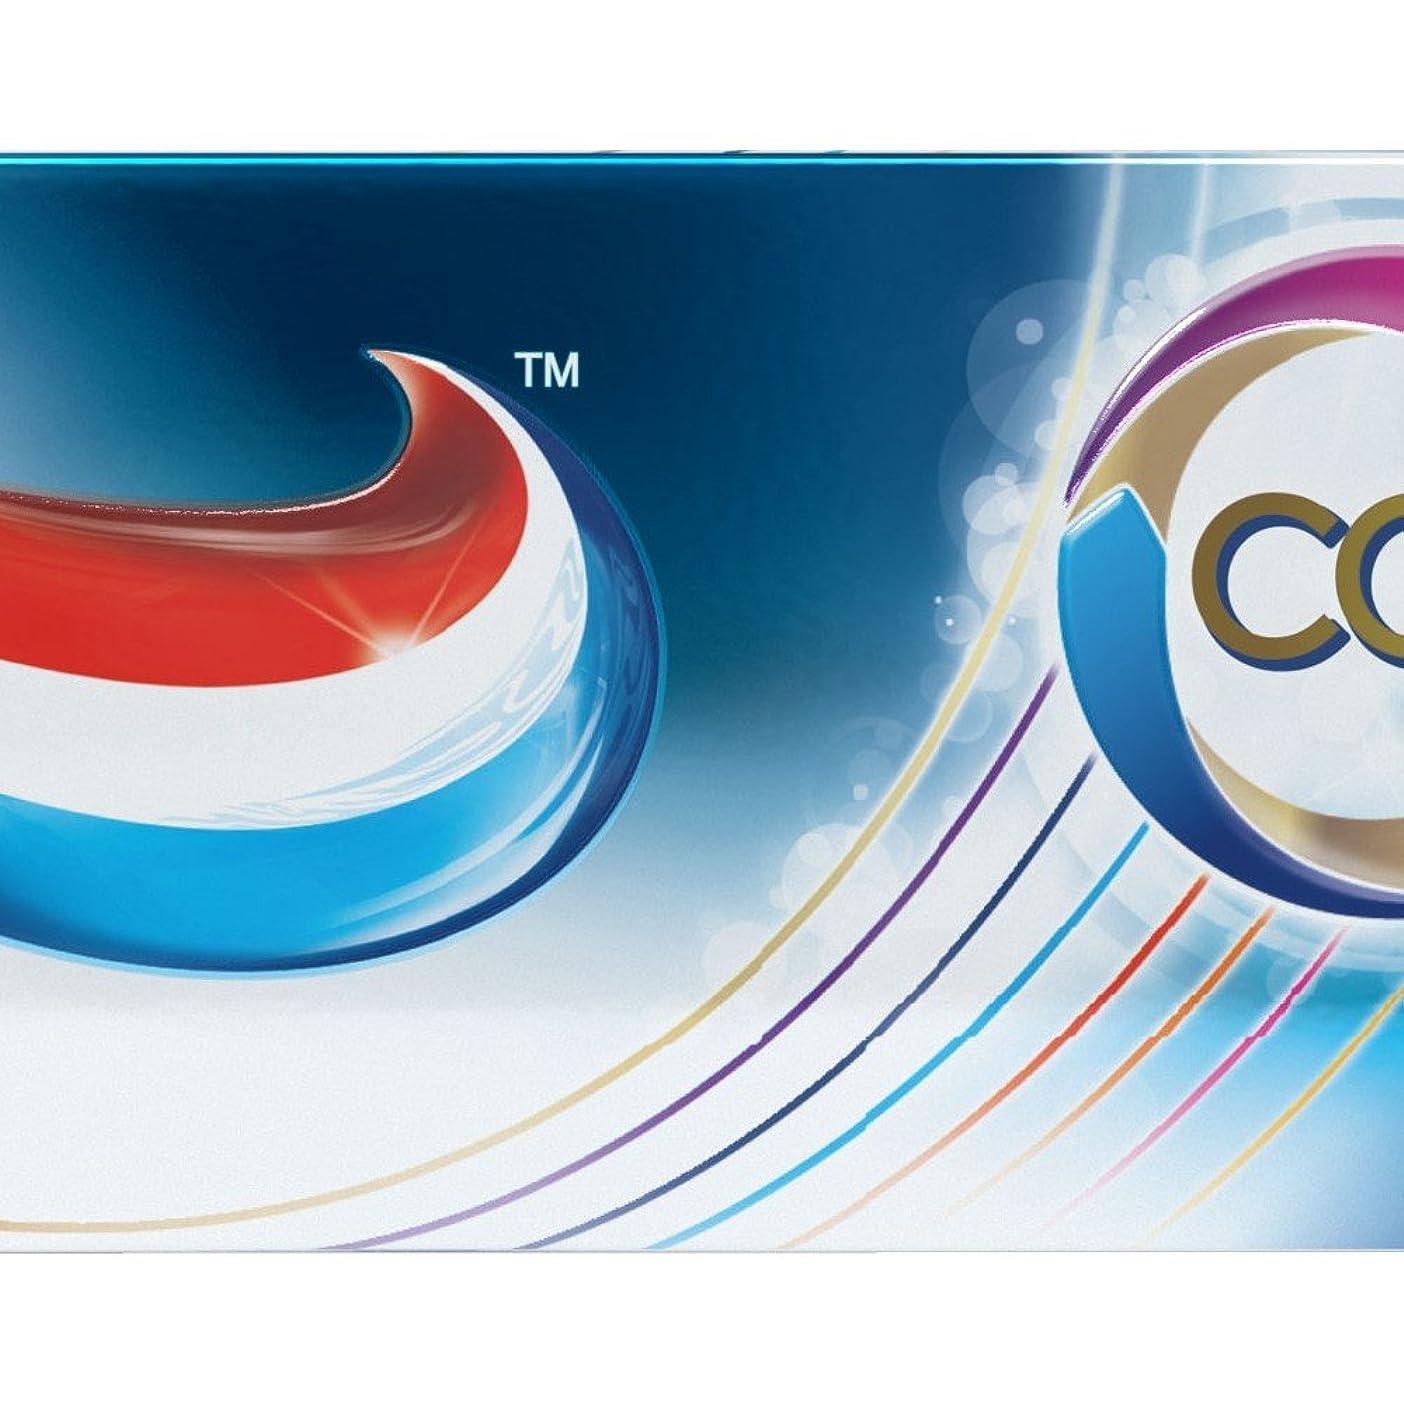 ブーム投げ捨てる促すAquafresh Complete Care Fluoride Toothpaste (75ml) アクアフレッシュコンプリートケアフッ化物歯磨き粉( 75ミリリットル) [並行輸入品]